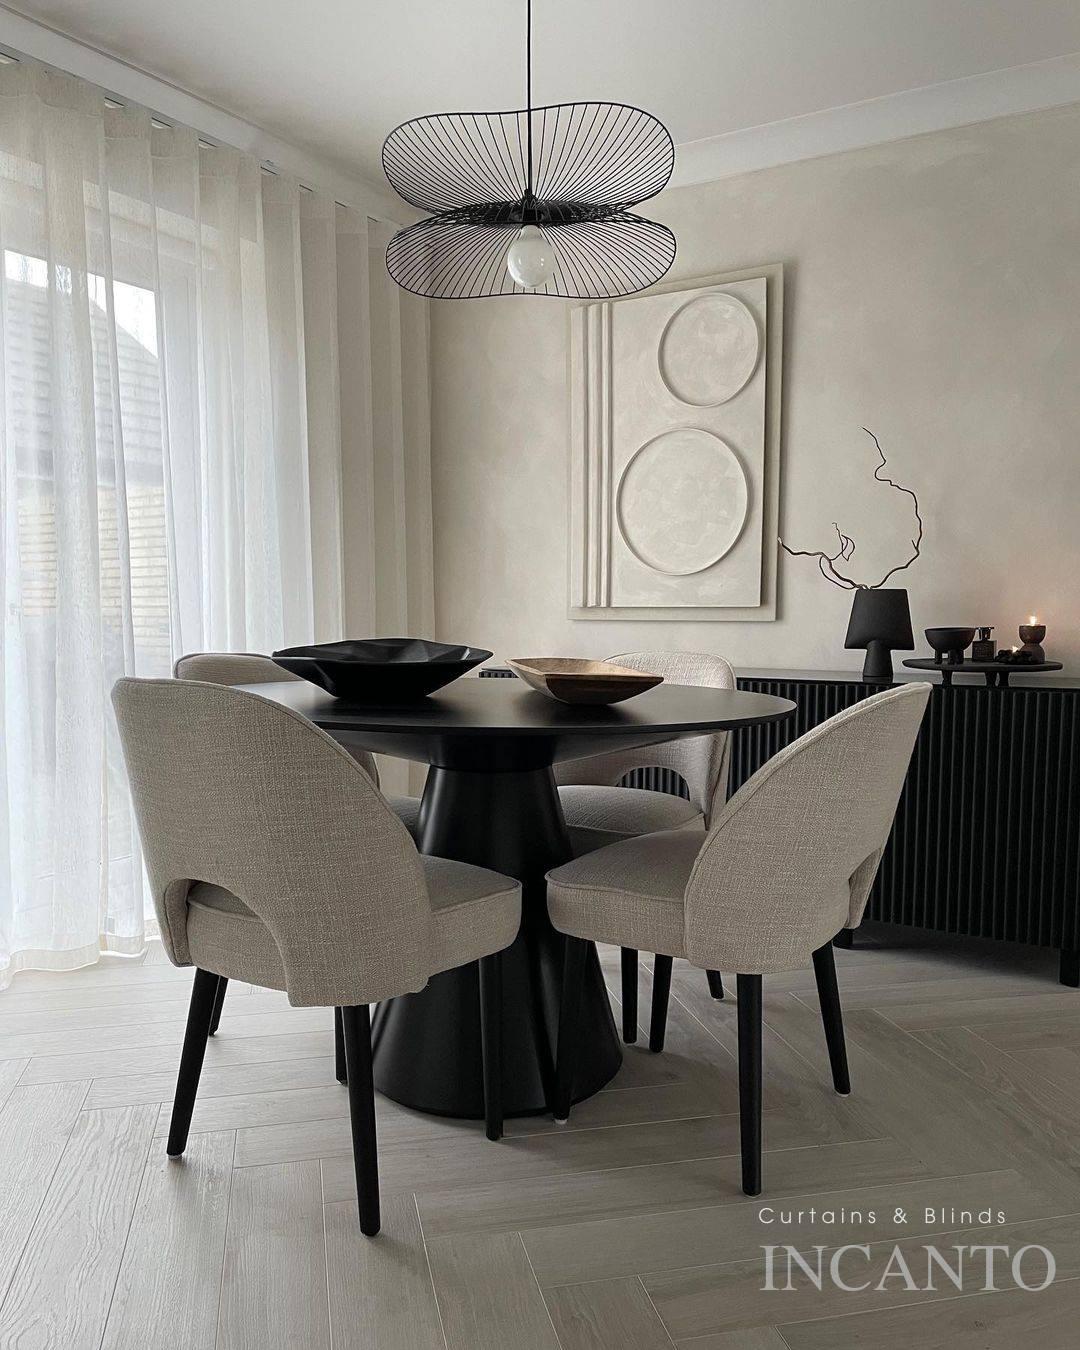 màu sắc trong thiết kế phong cách nội thất tối giản (minimalism)